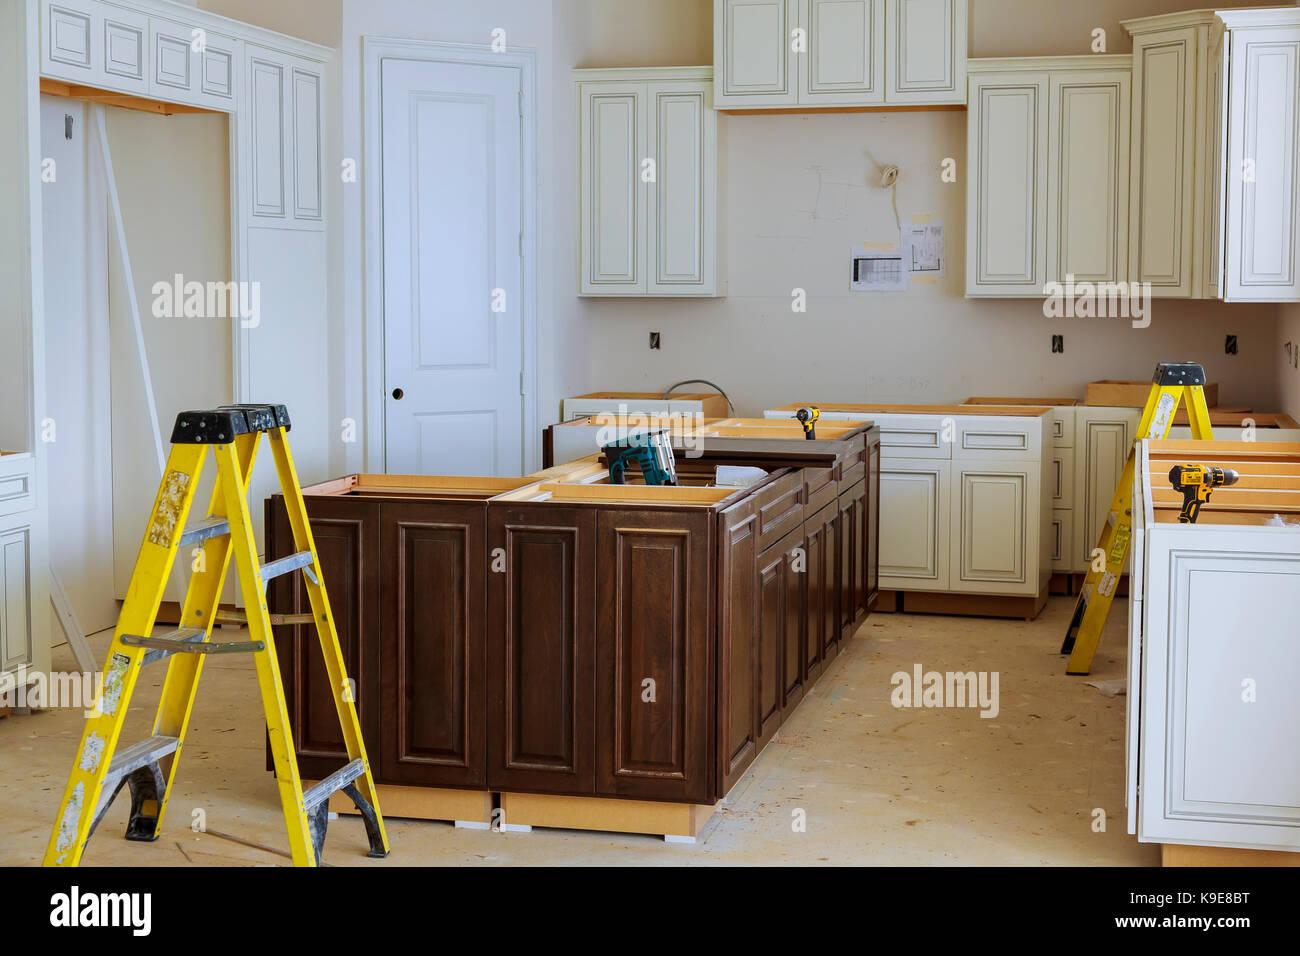 Interior Design Bau einer Küche mit Herd Ventilator Dunstabzugshaube ...